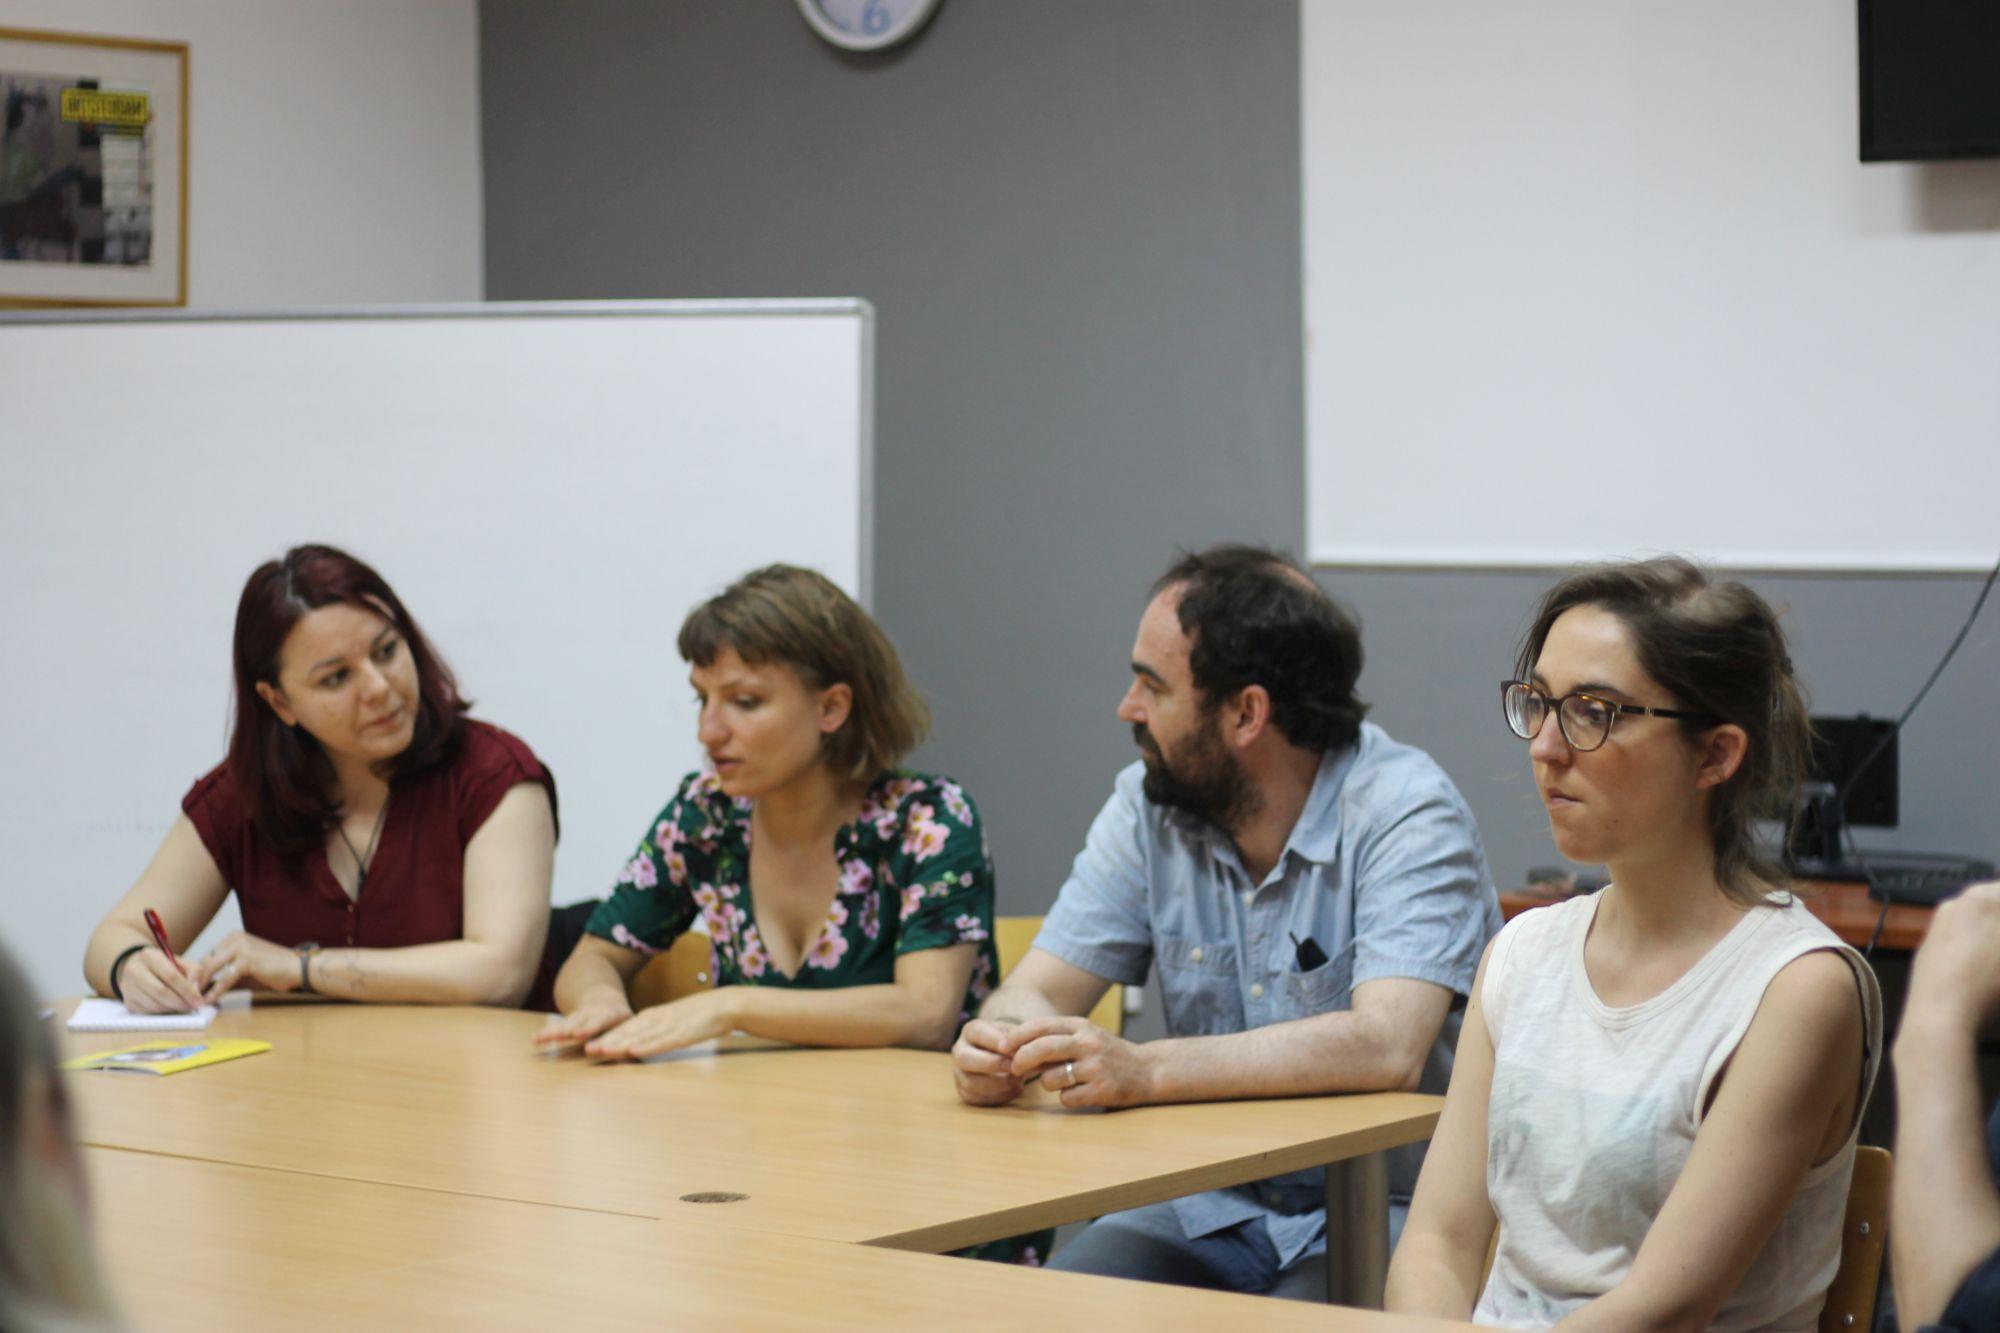 На Скопје филм фестивал премиера на македонски кратки филмови  работилница и предавање за квир филмови